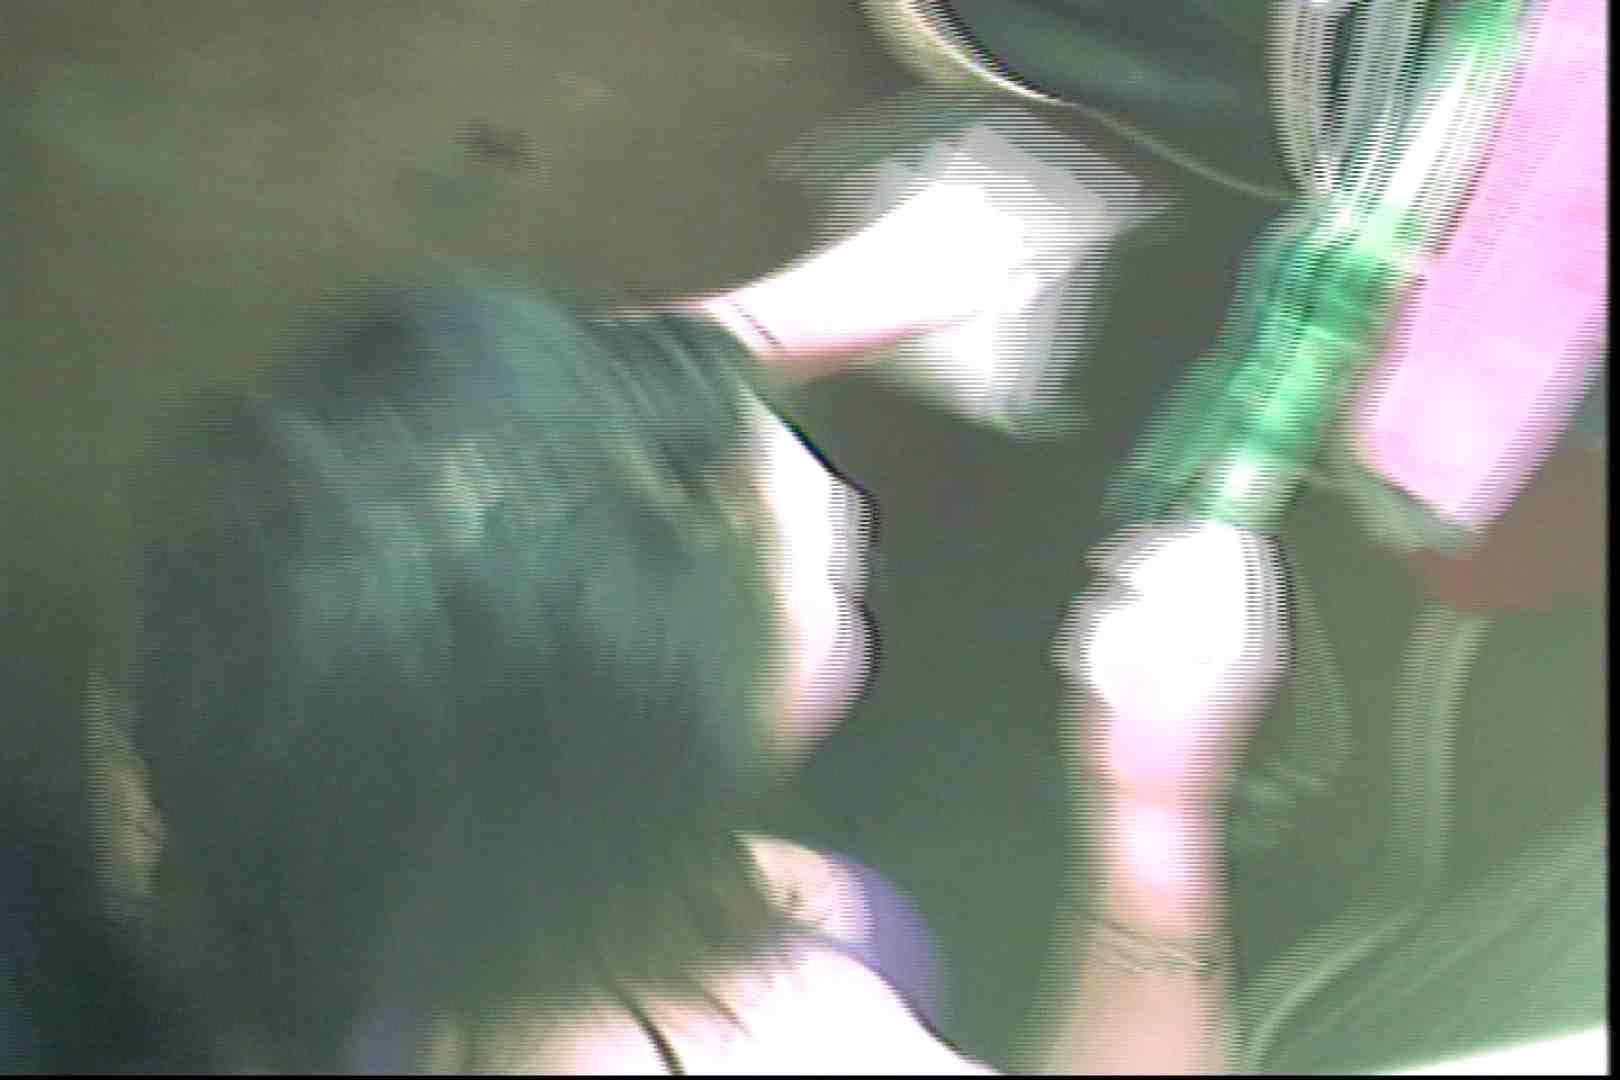 海の家の更衣室 Vol.49 シャワー室 セックス無修正動画無料 97枚 5